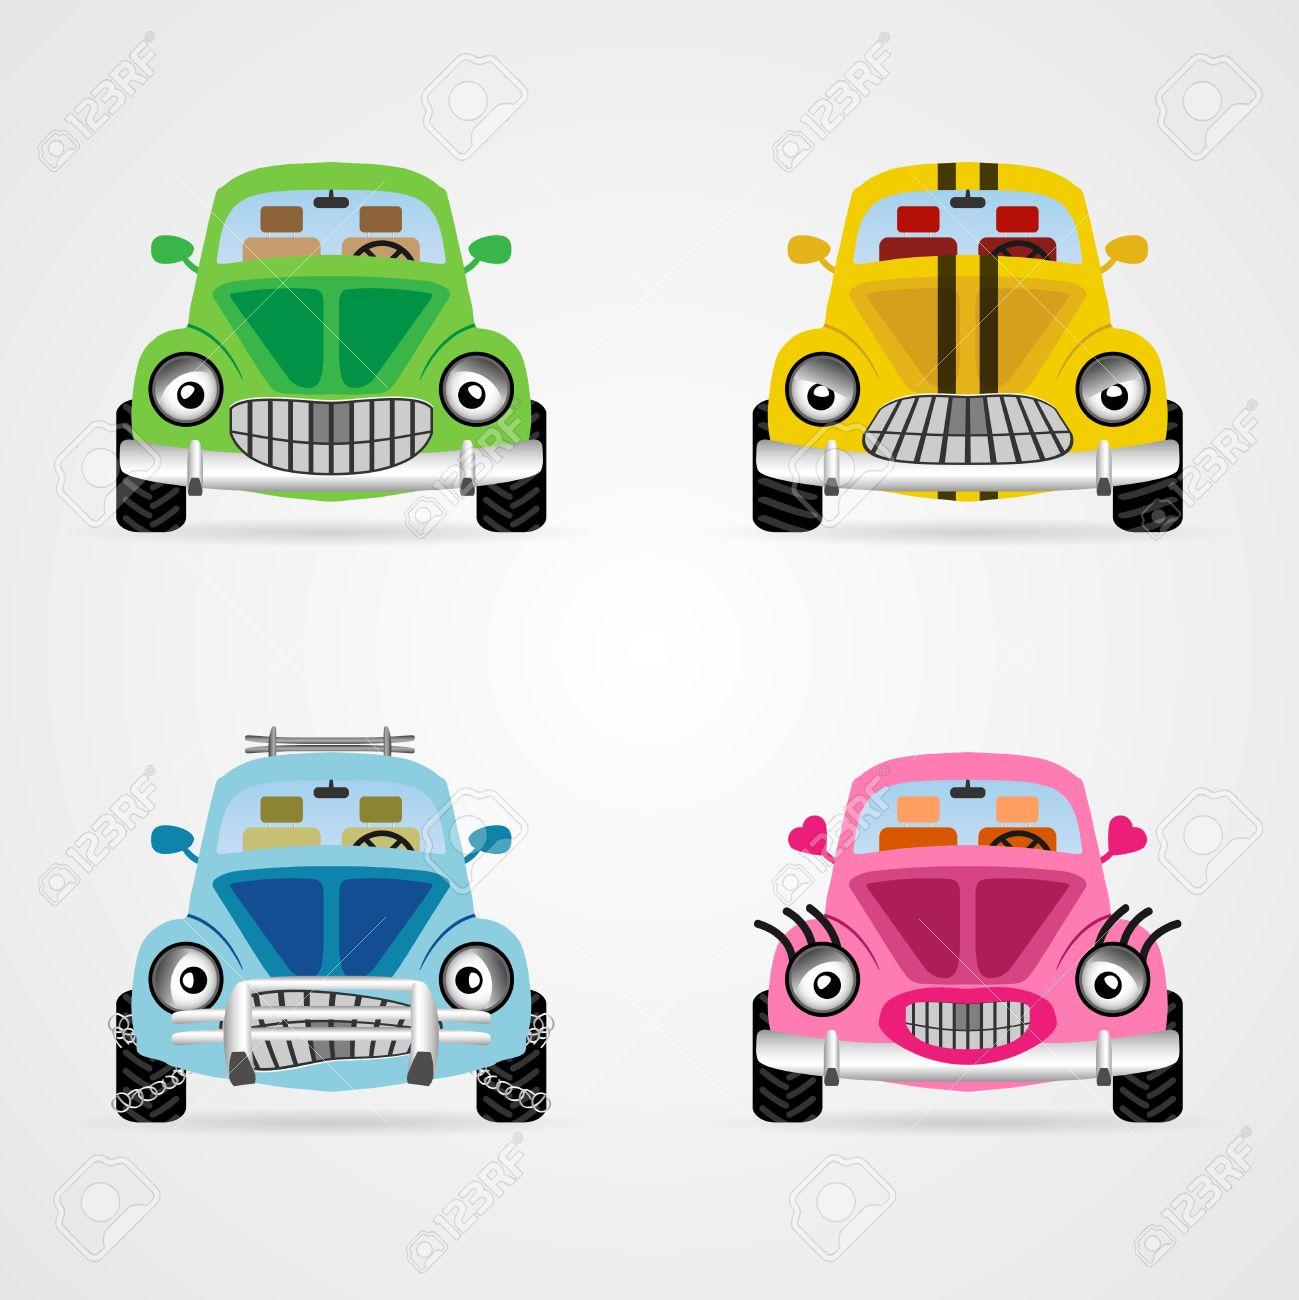 Ensemble de mignons illustrations de voiture de dessin animé de vecteur dans différentes ambiances et couleurs